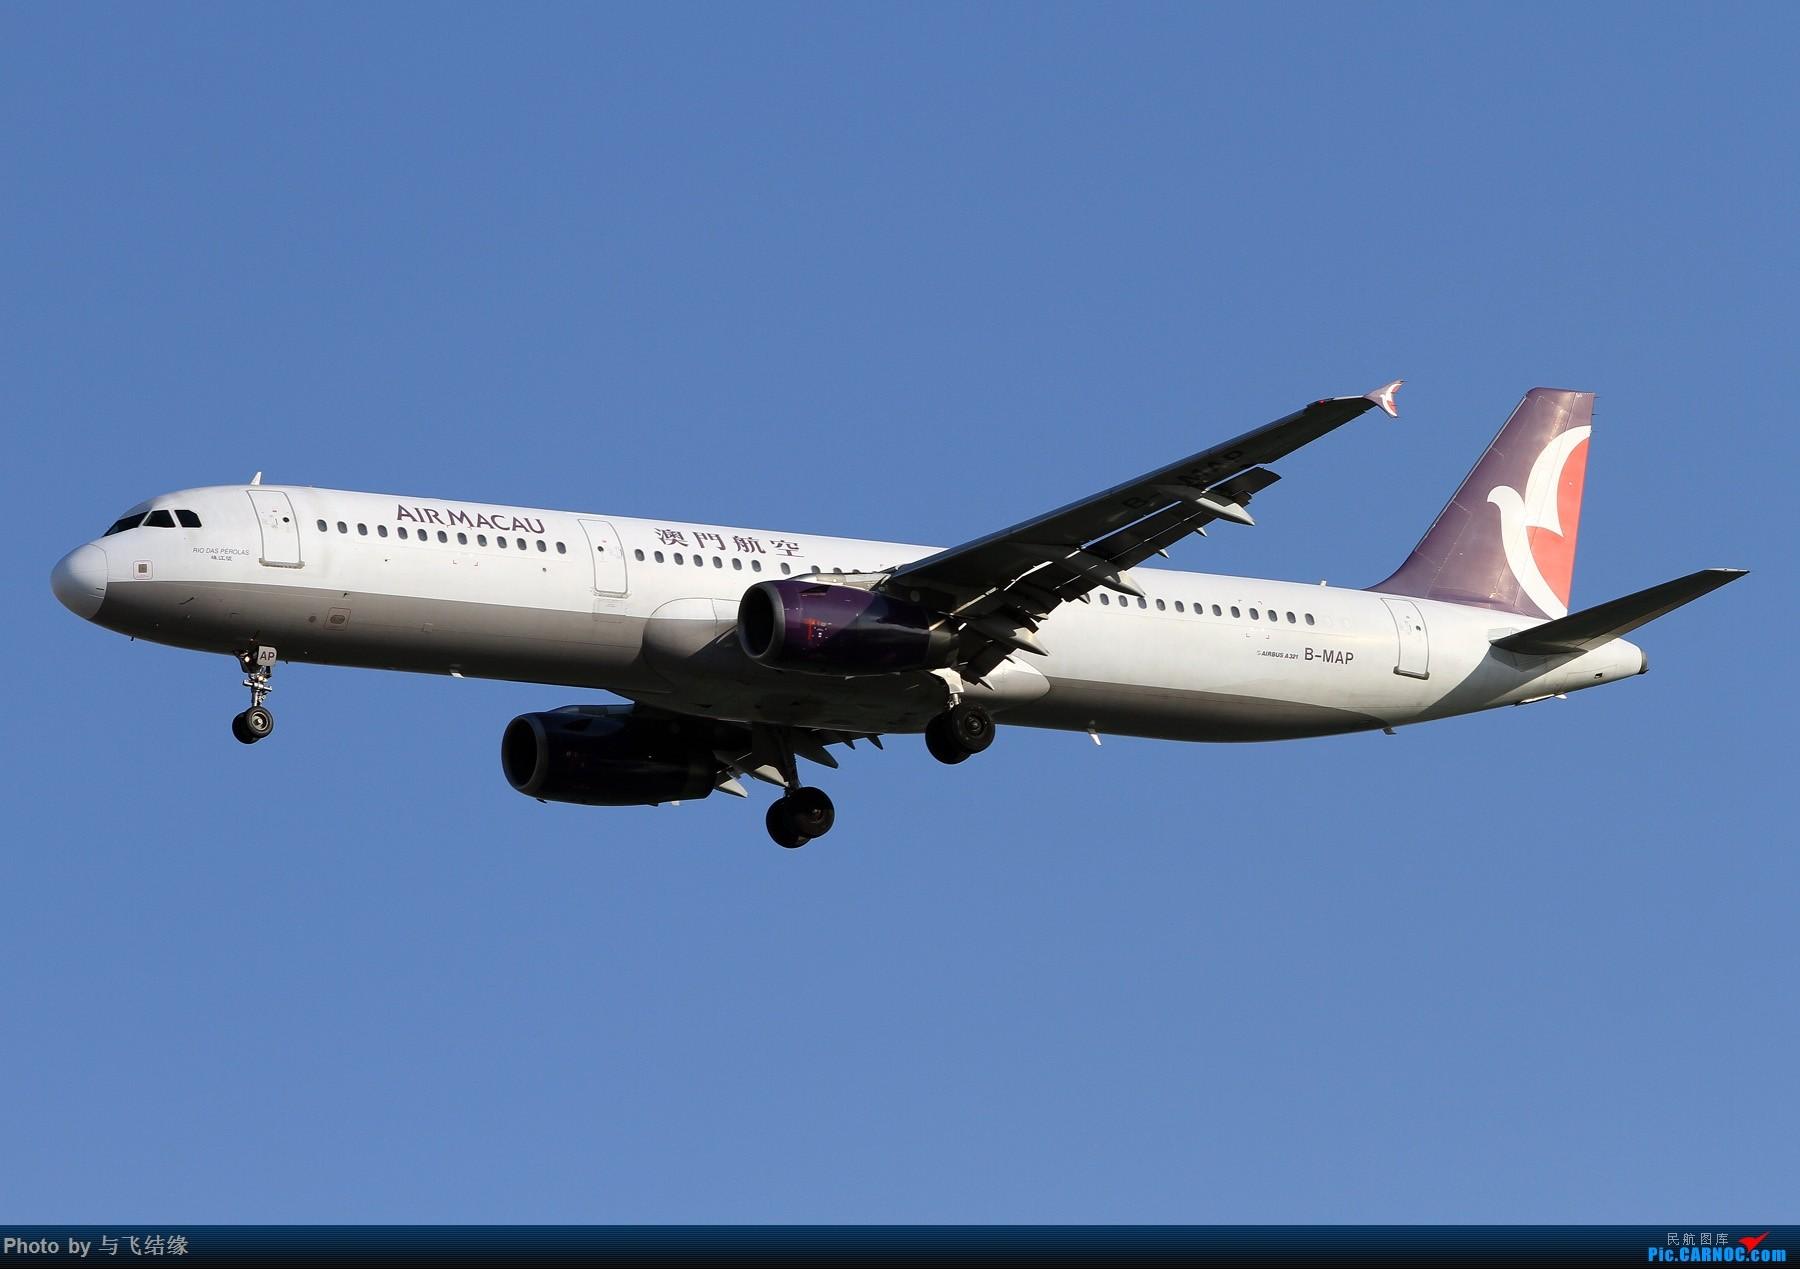 Re:[原创]十二月十号天气不错,楼了几张拙作出来露个脸发一下。 AIRBUS A321-100 M-MAP 中国北京首都国际机场